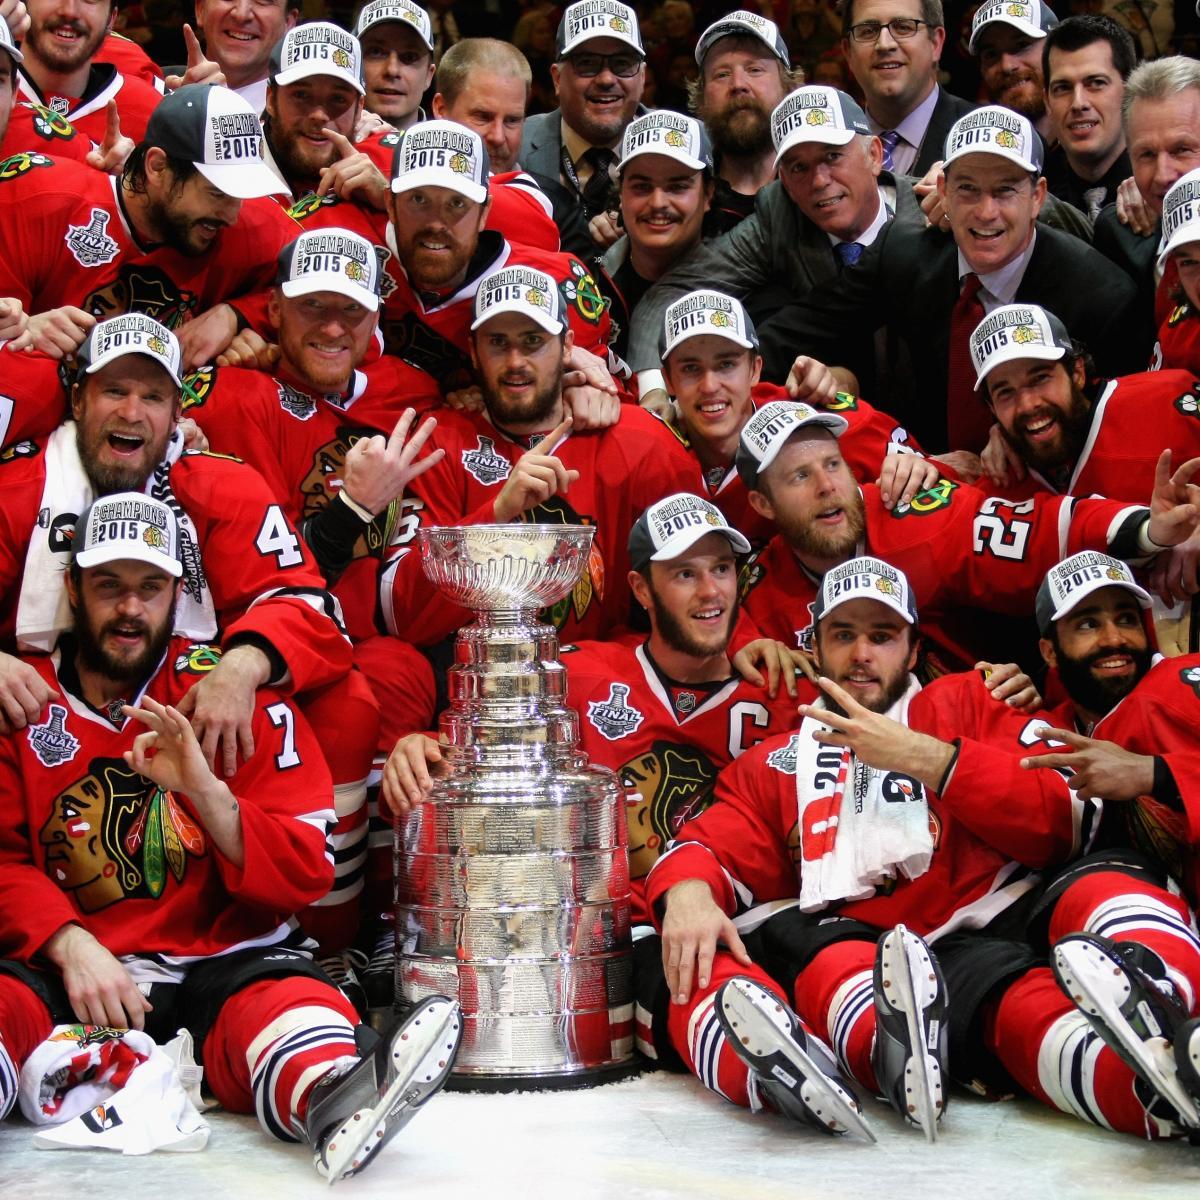 Blackhawks Win Stanley Cup 2015: Score, Celebration